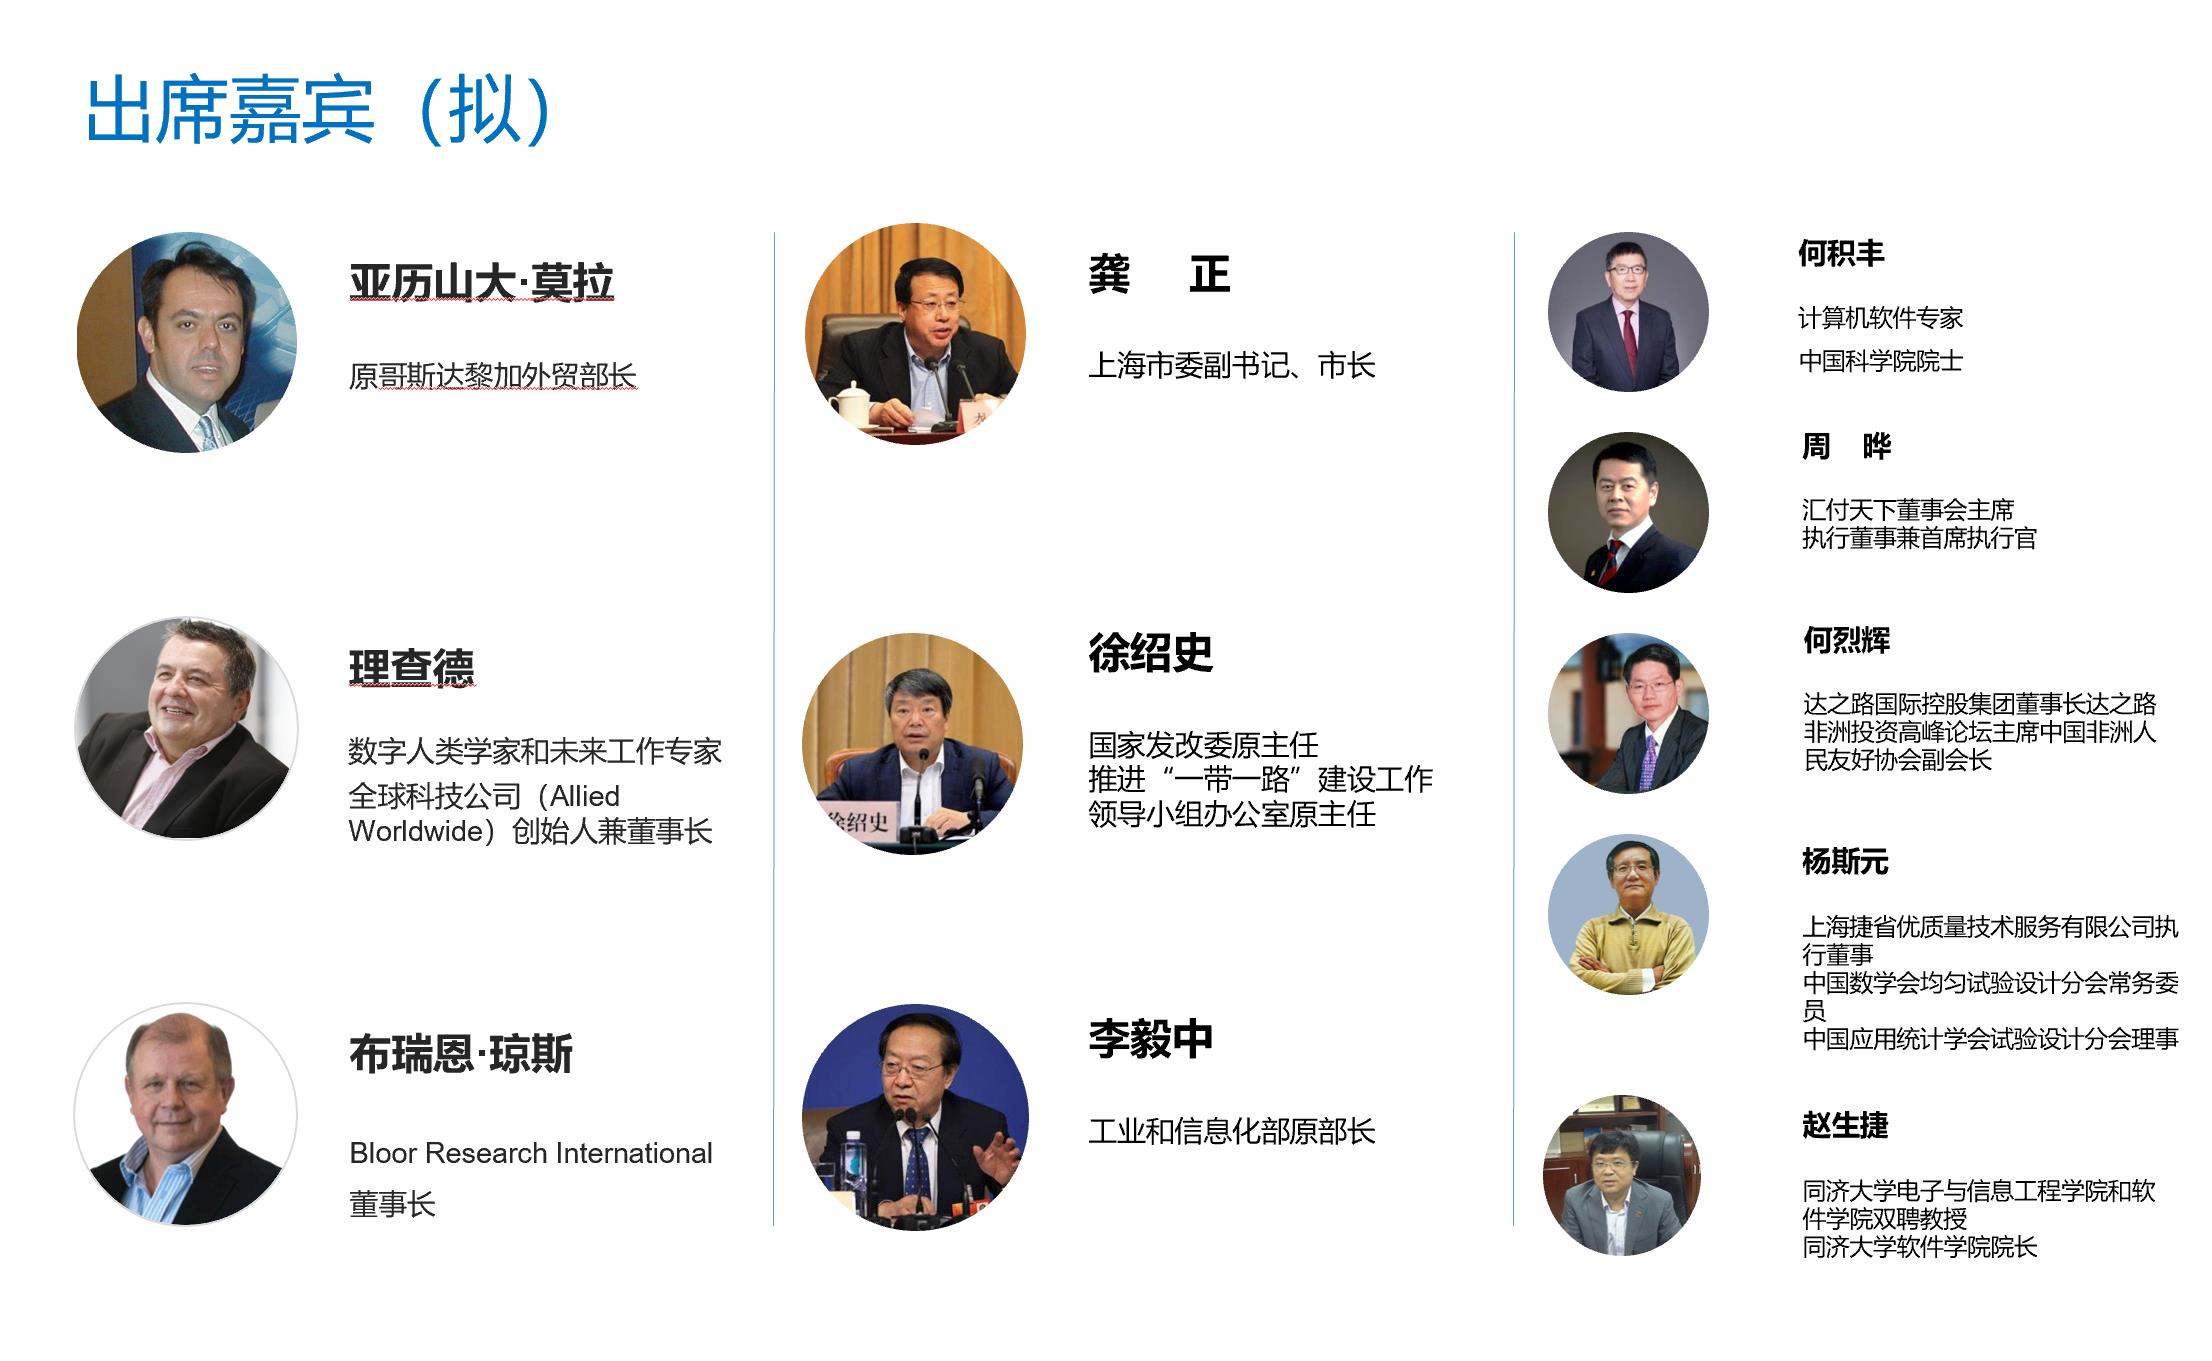 """第四届""""一带一路""""信息产业国际合作高峰论坛暨首届11数字丝路节"""